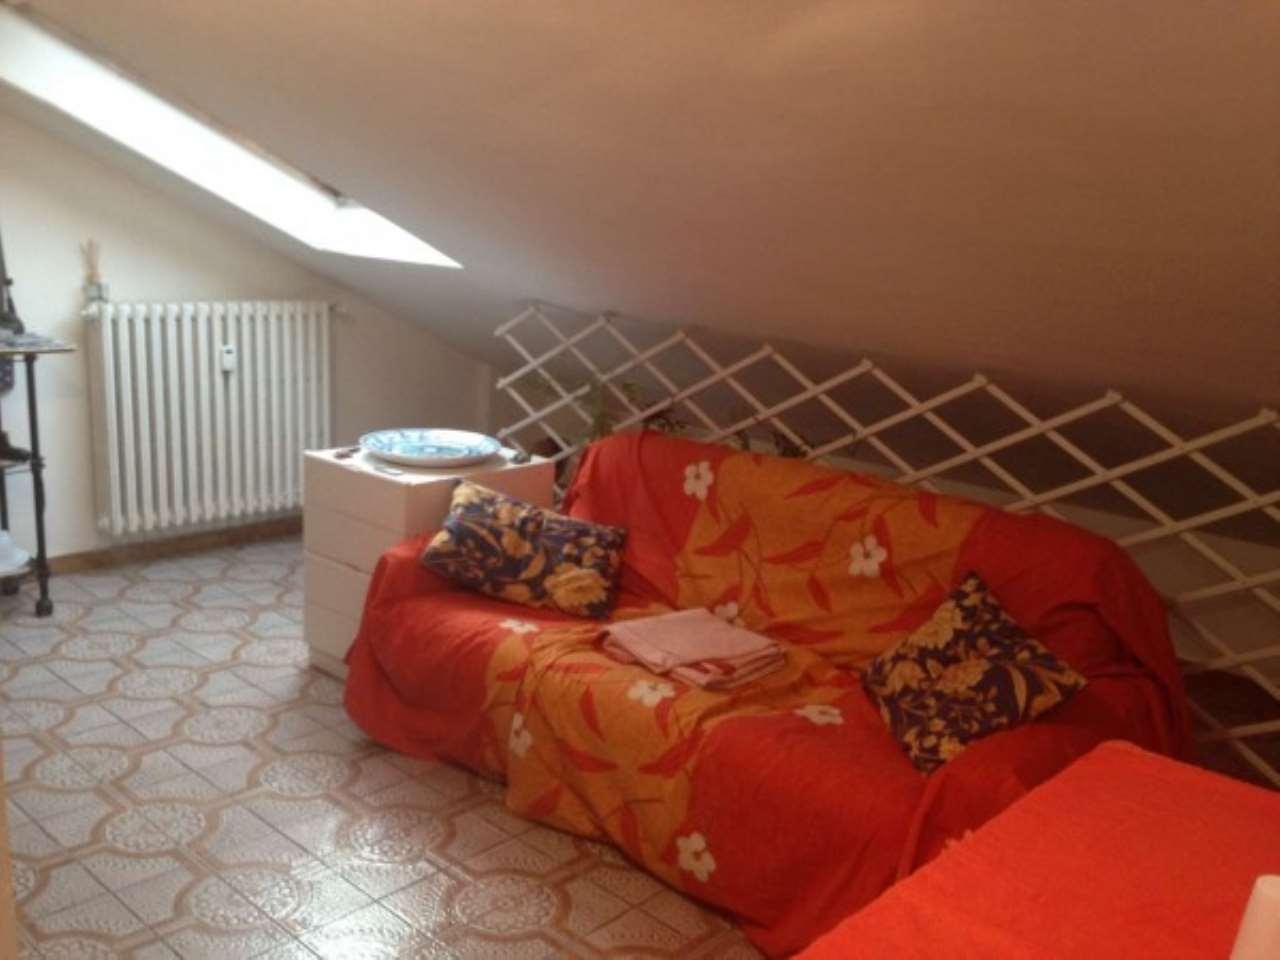 Attico / Mansarda in vendita a Chiomonte, 1 locali, prezzo € 24.000 | Cambio Casa.it